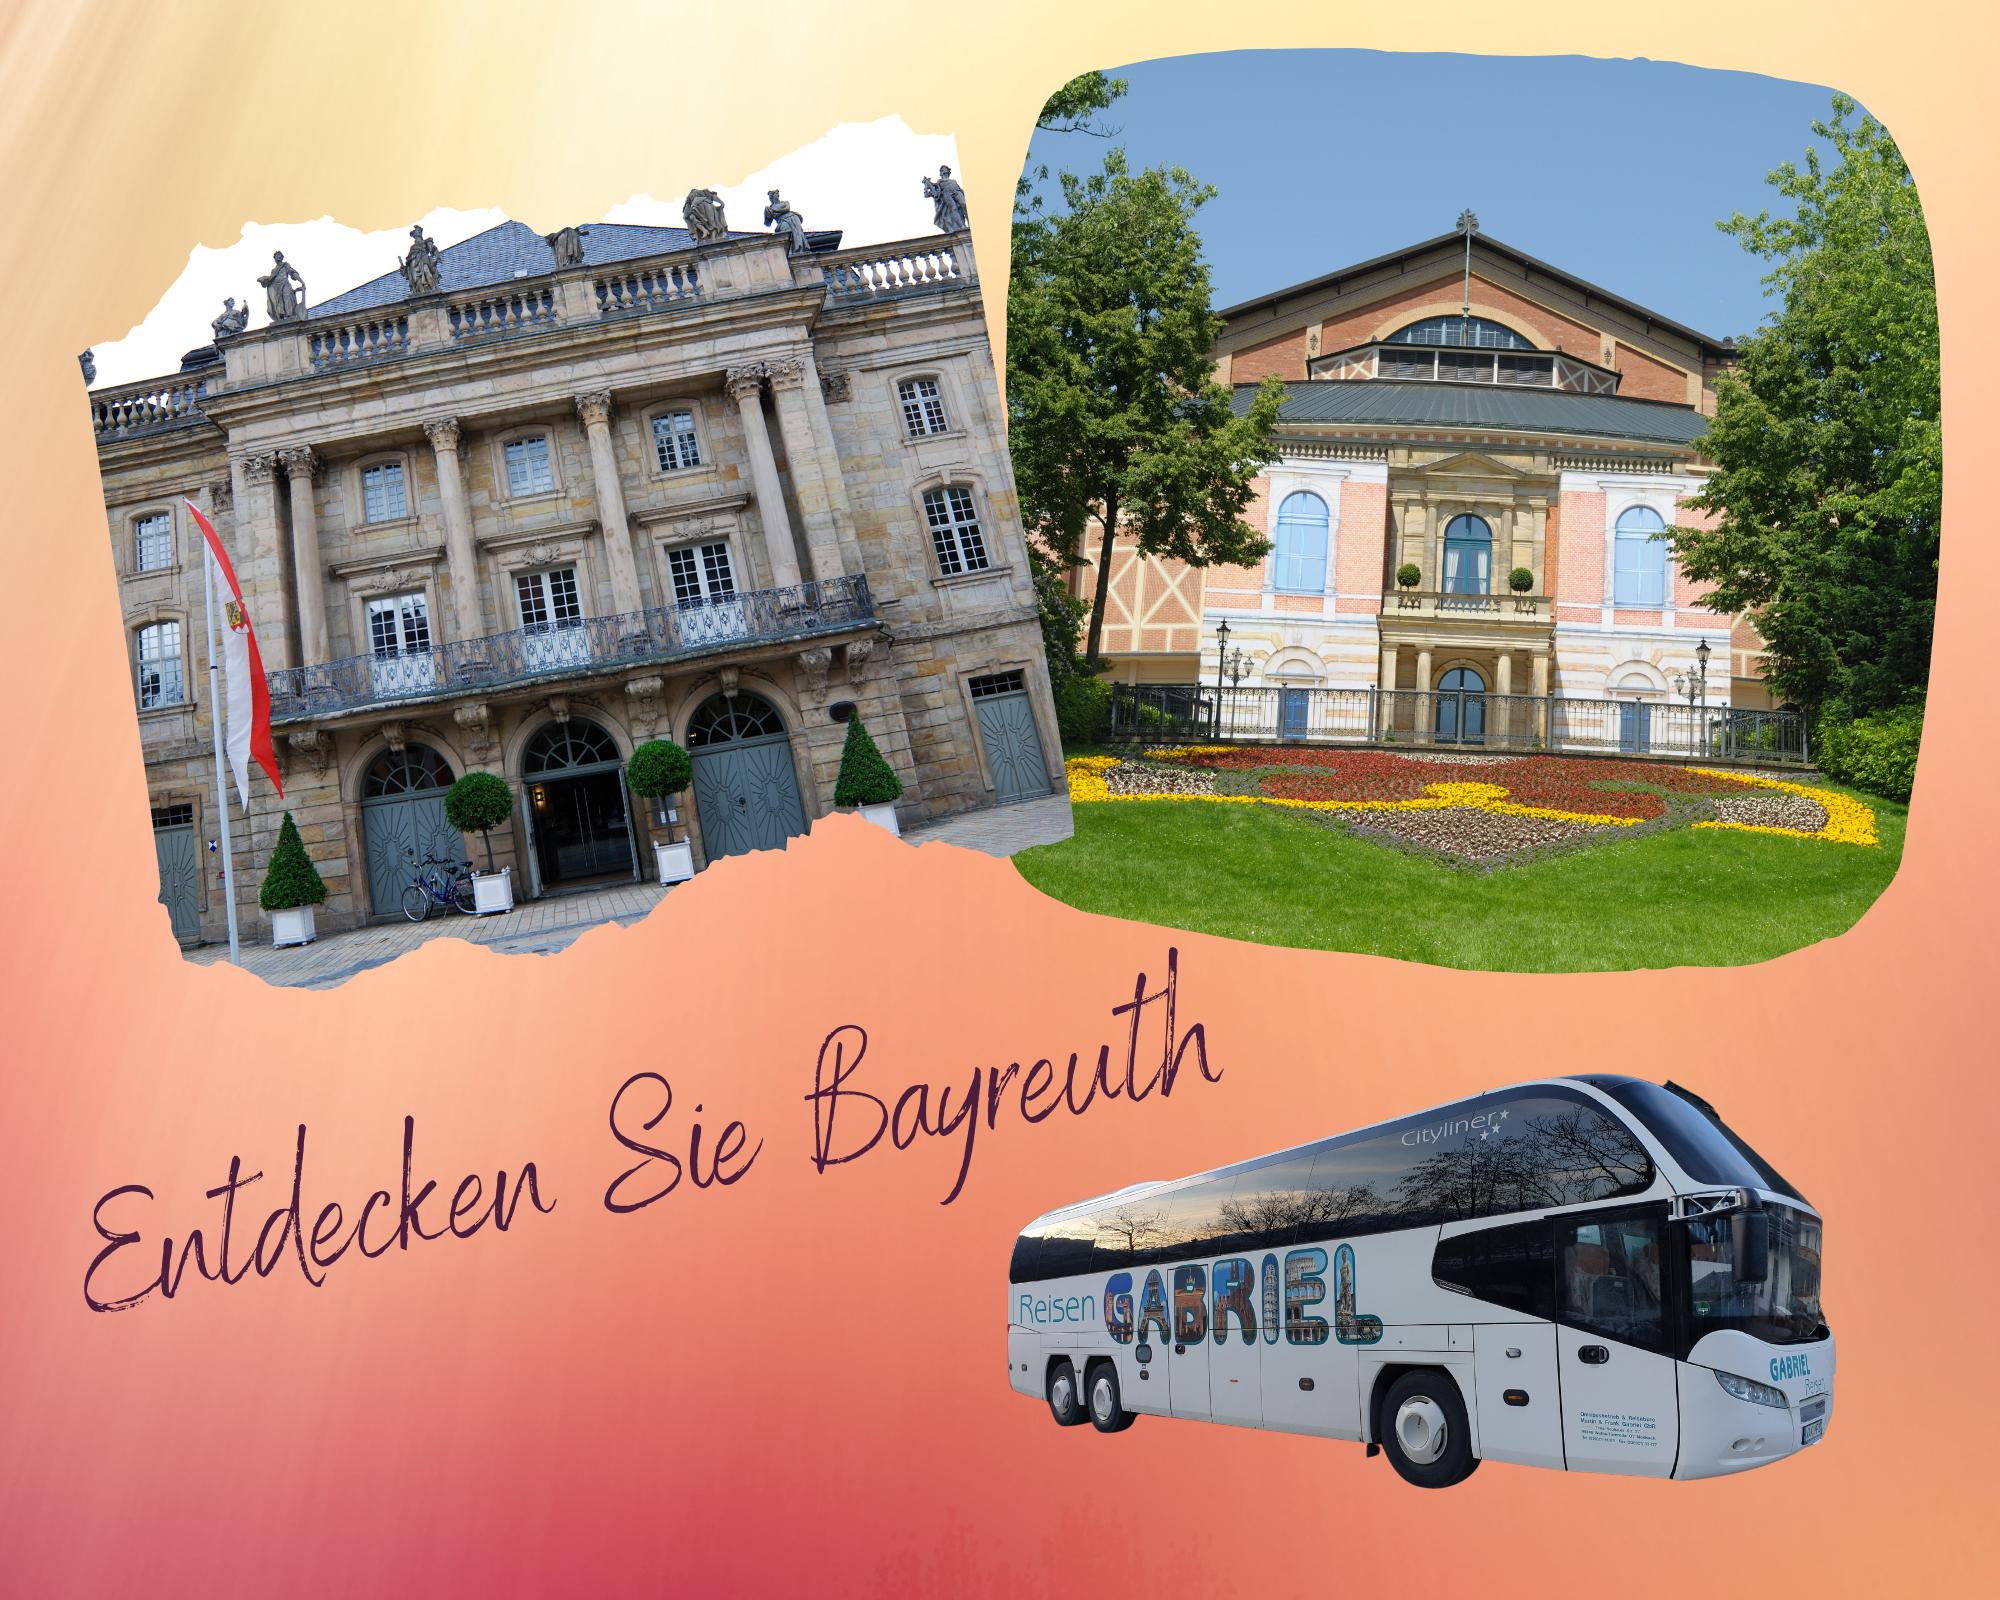 Entdecken Sie Bayreutham 06.11.2021